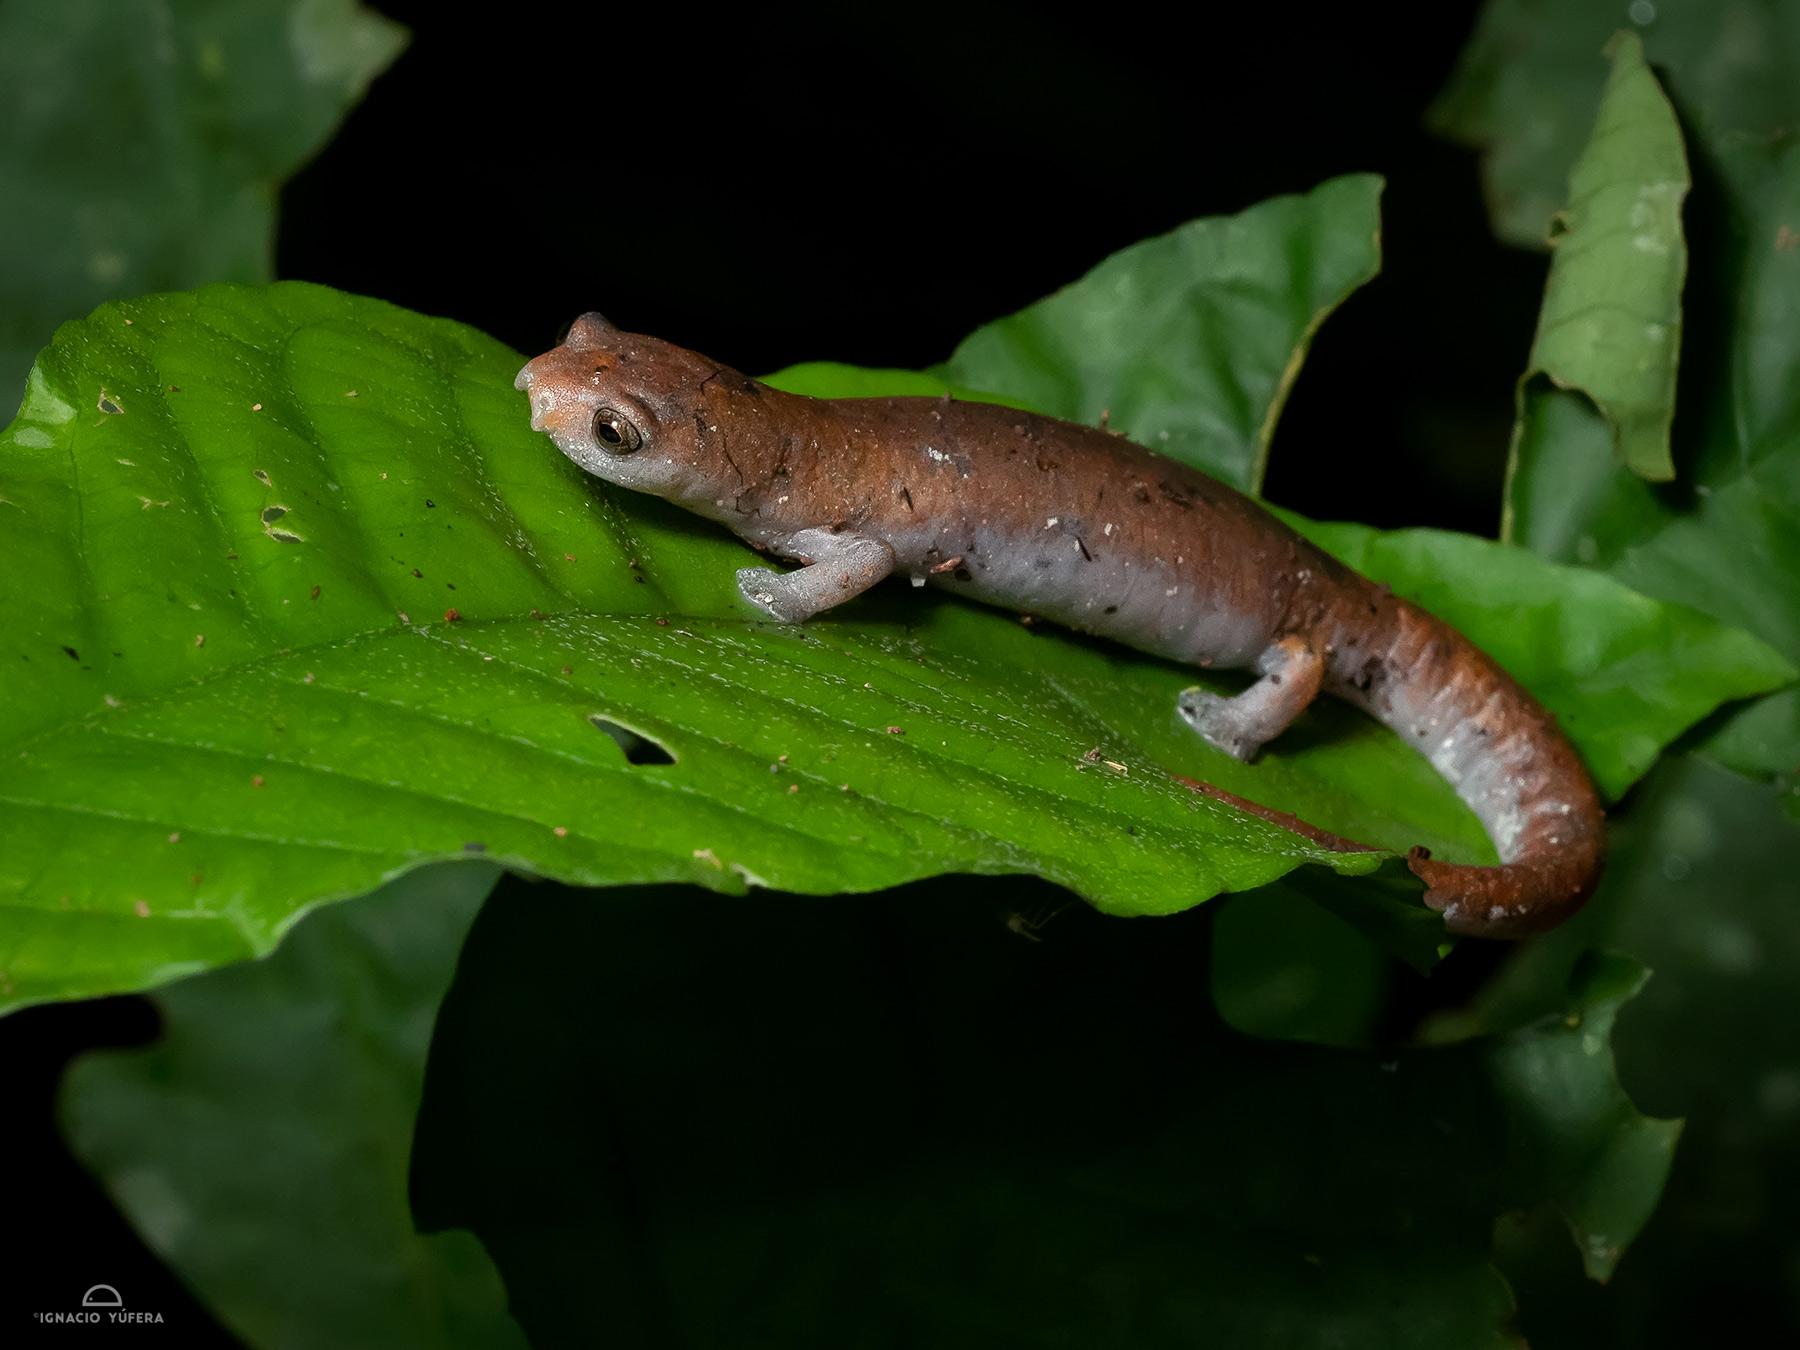 Salamander (Bolitoglossa sp), Yasuní, Ecuador